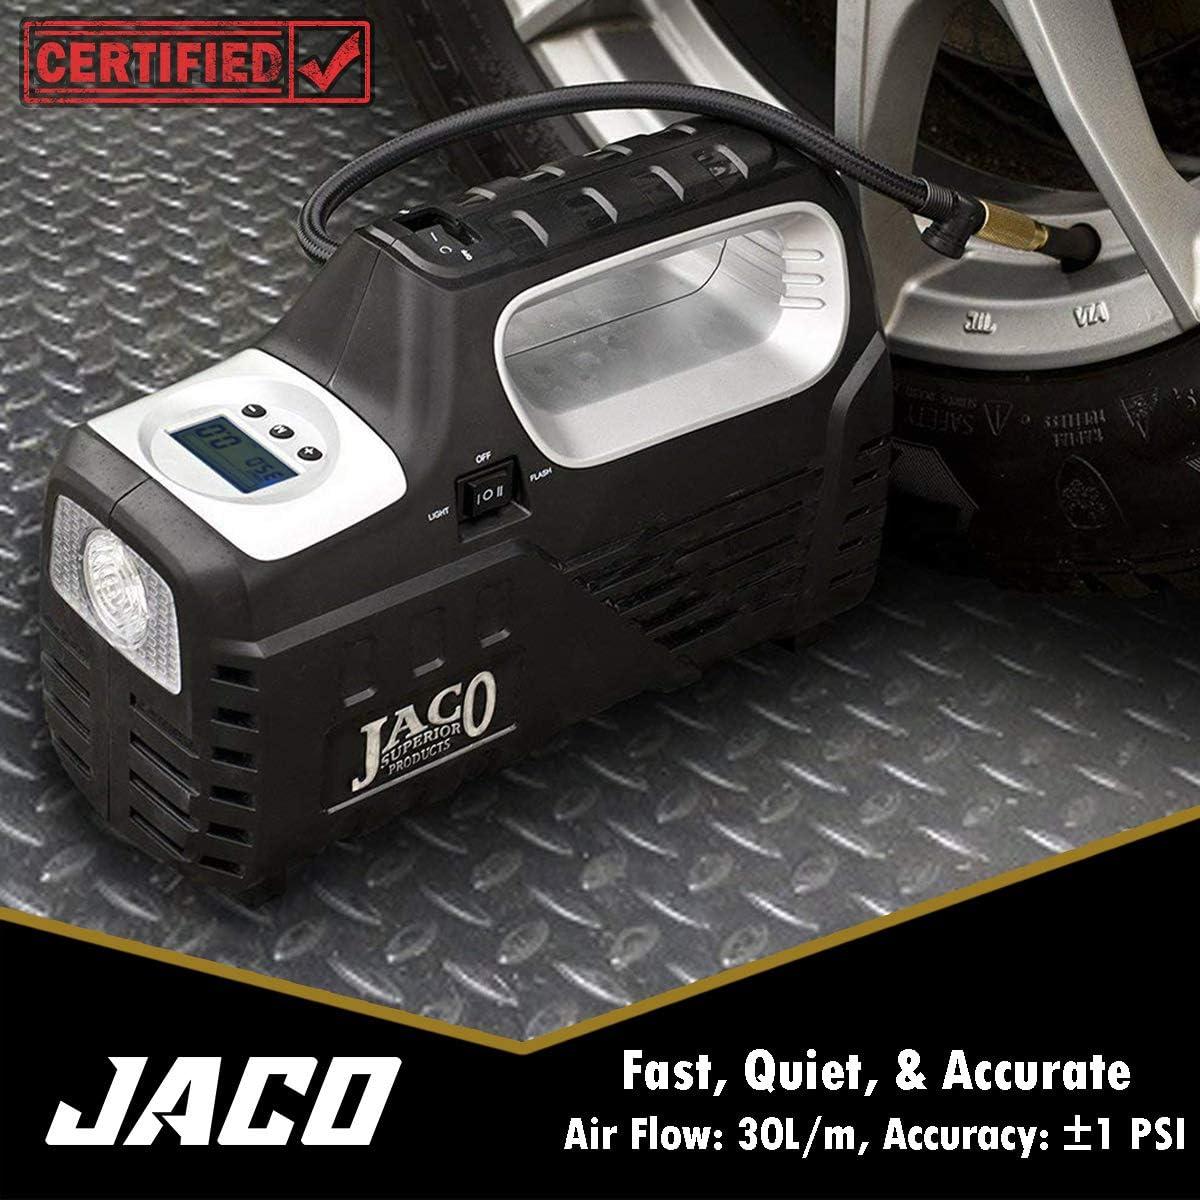 JACO SmartPro 2.0 AC/DC Digital Tire Inflator Air Compressor Pump